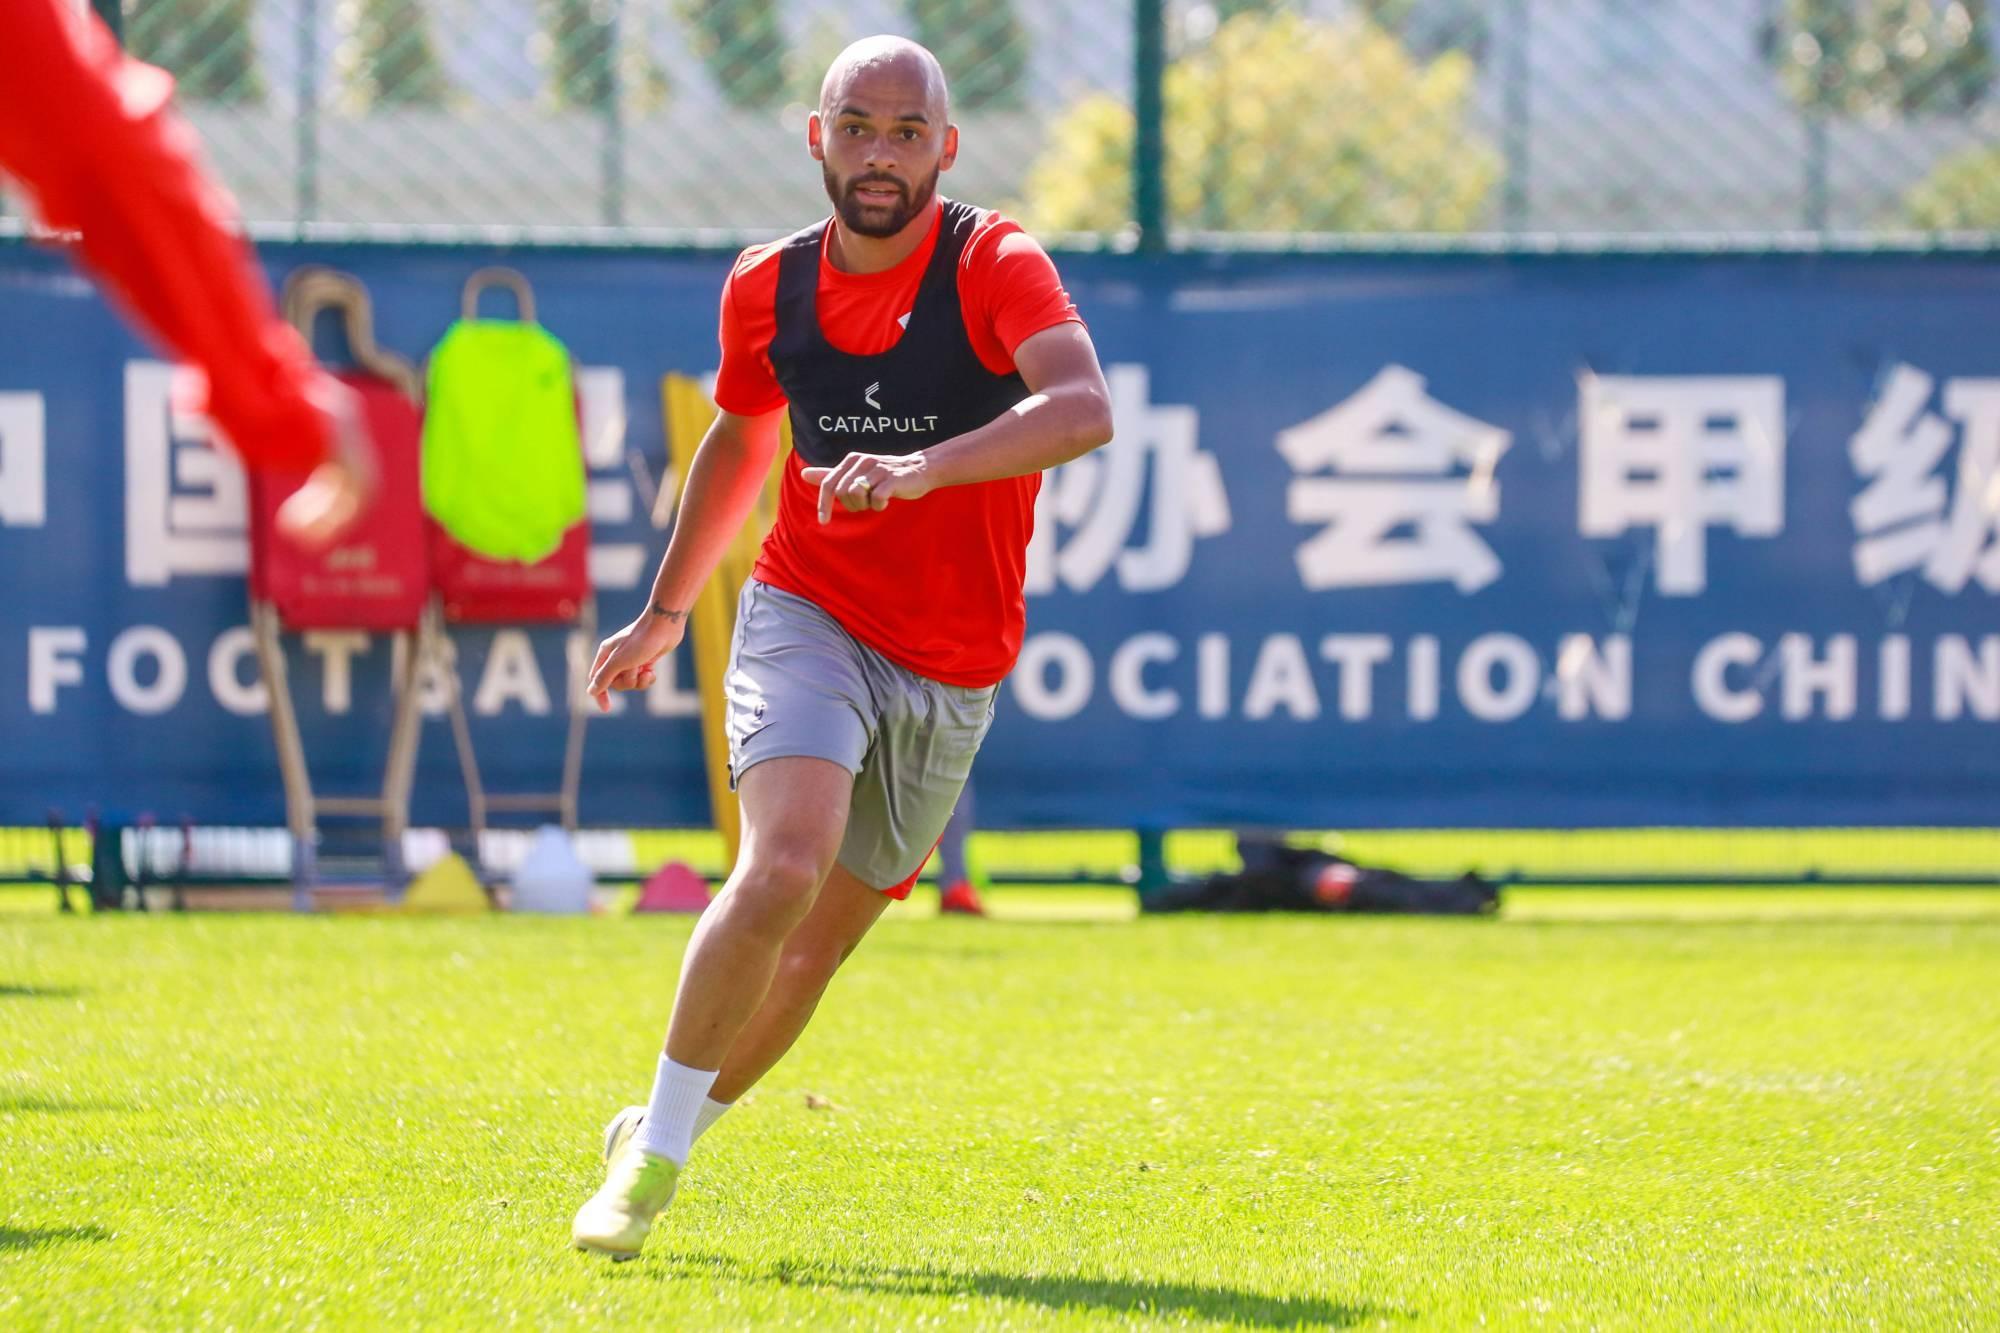 保利尼奥吊射破门,上海海港淘汰陕西长安竞技,足协杯晋级